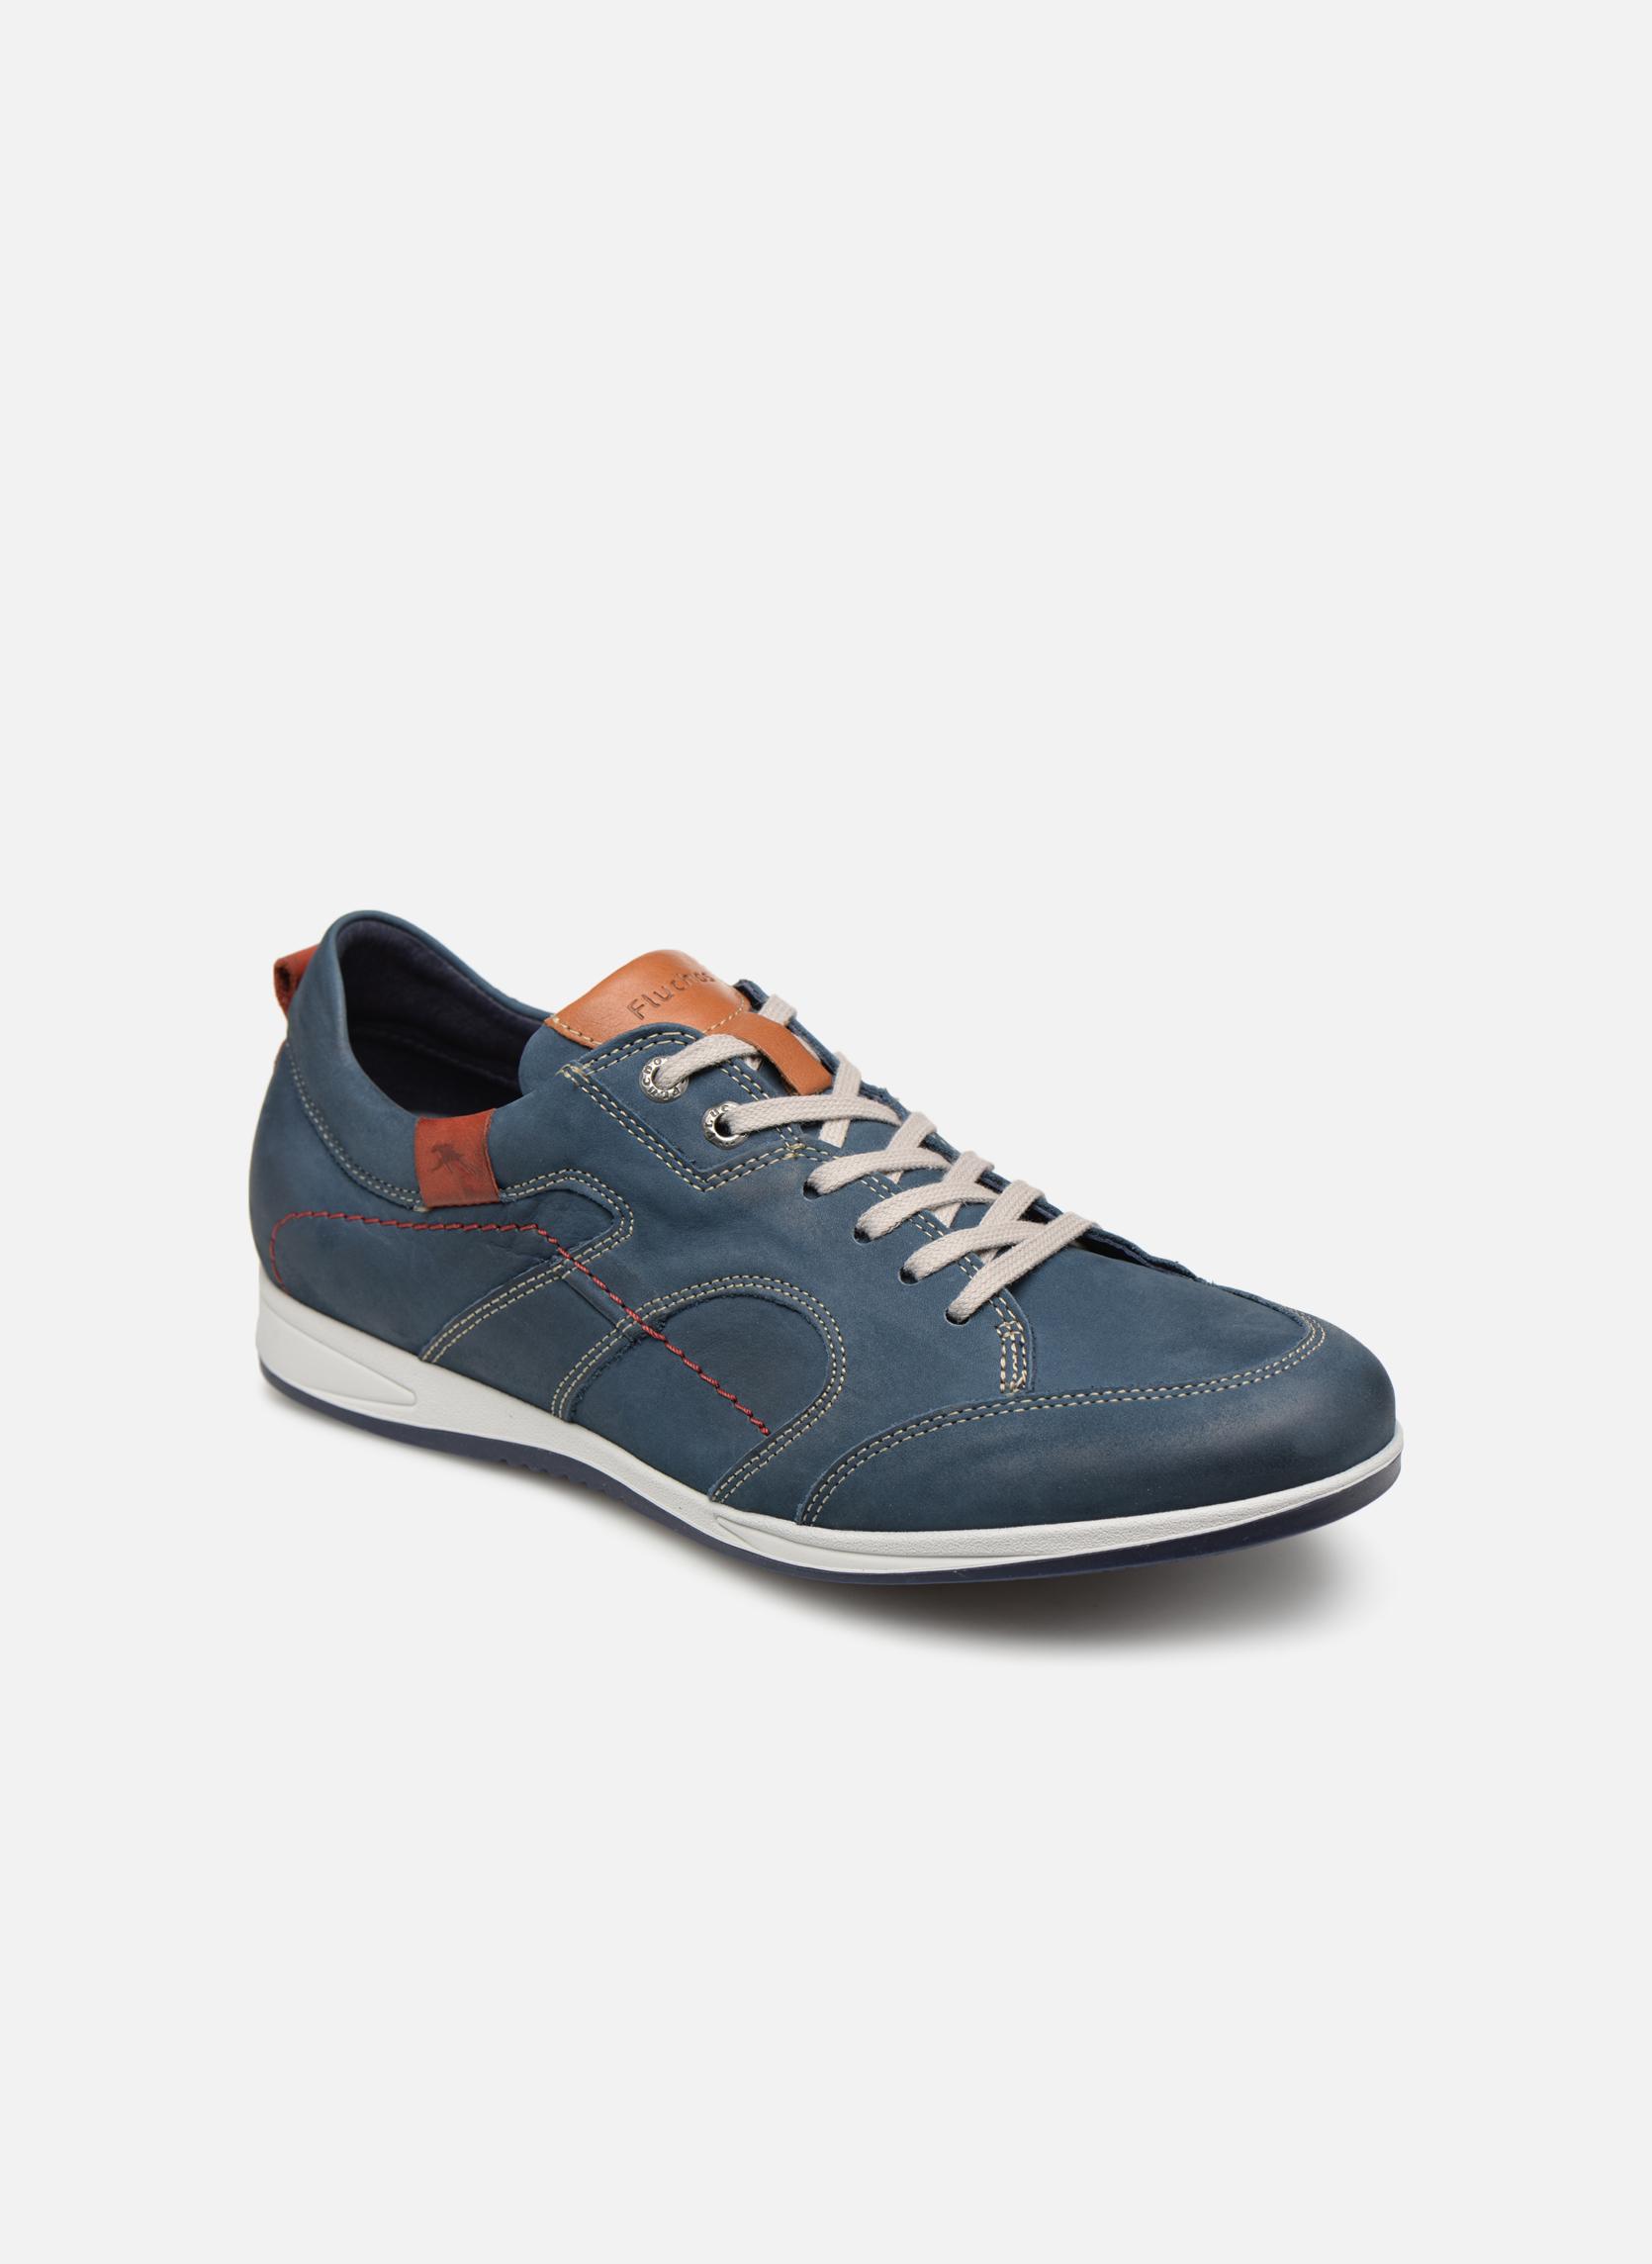 Sneakers Daniel 9734 by Fluchos